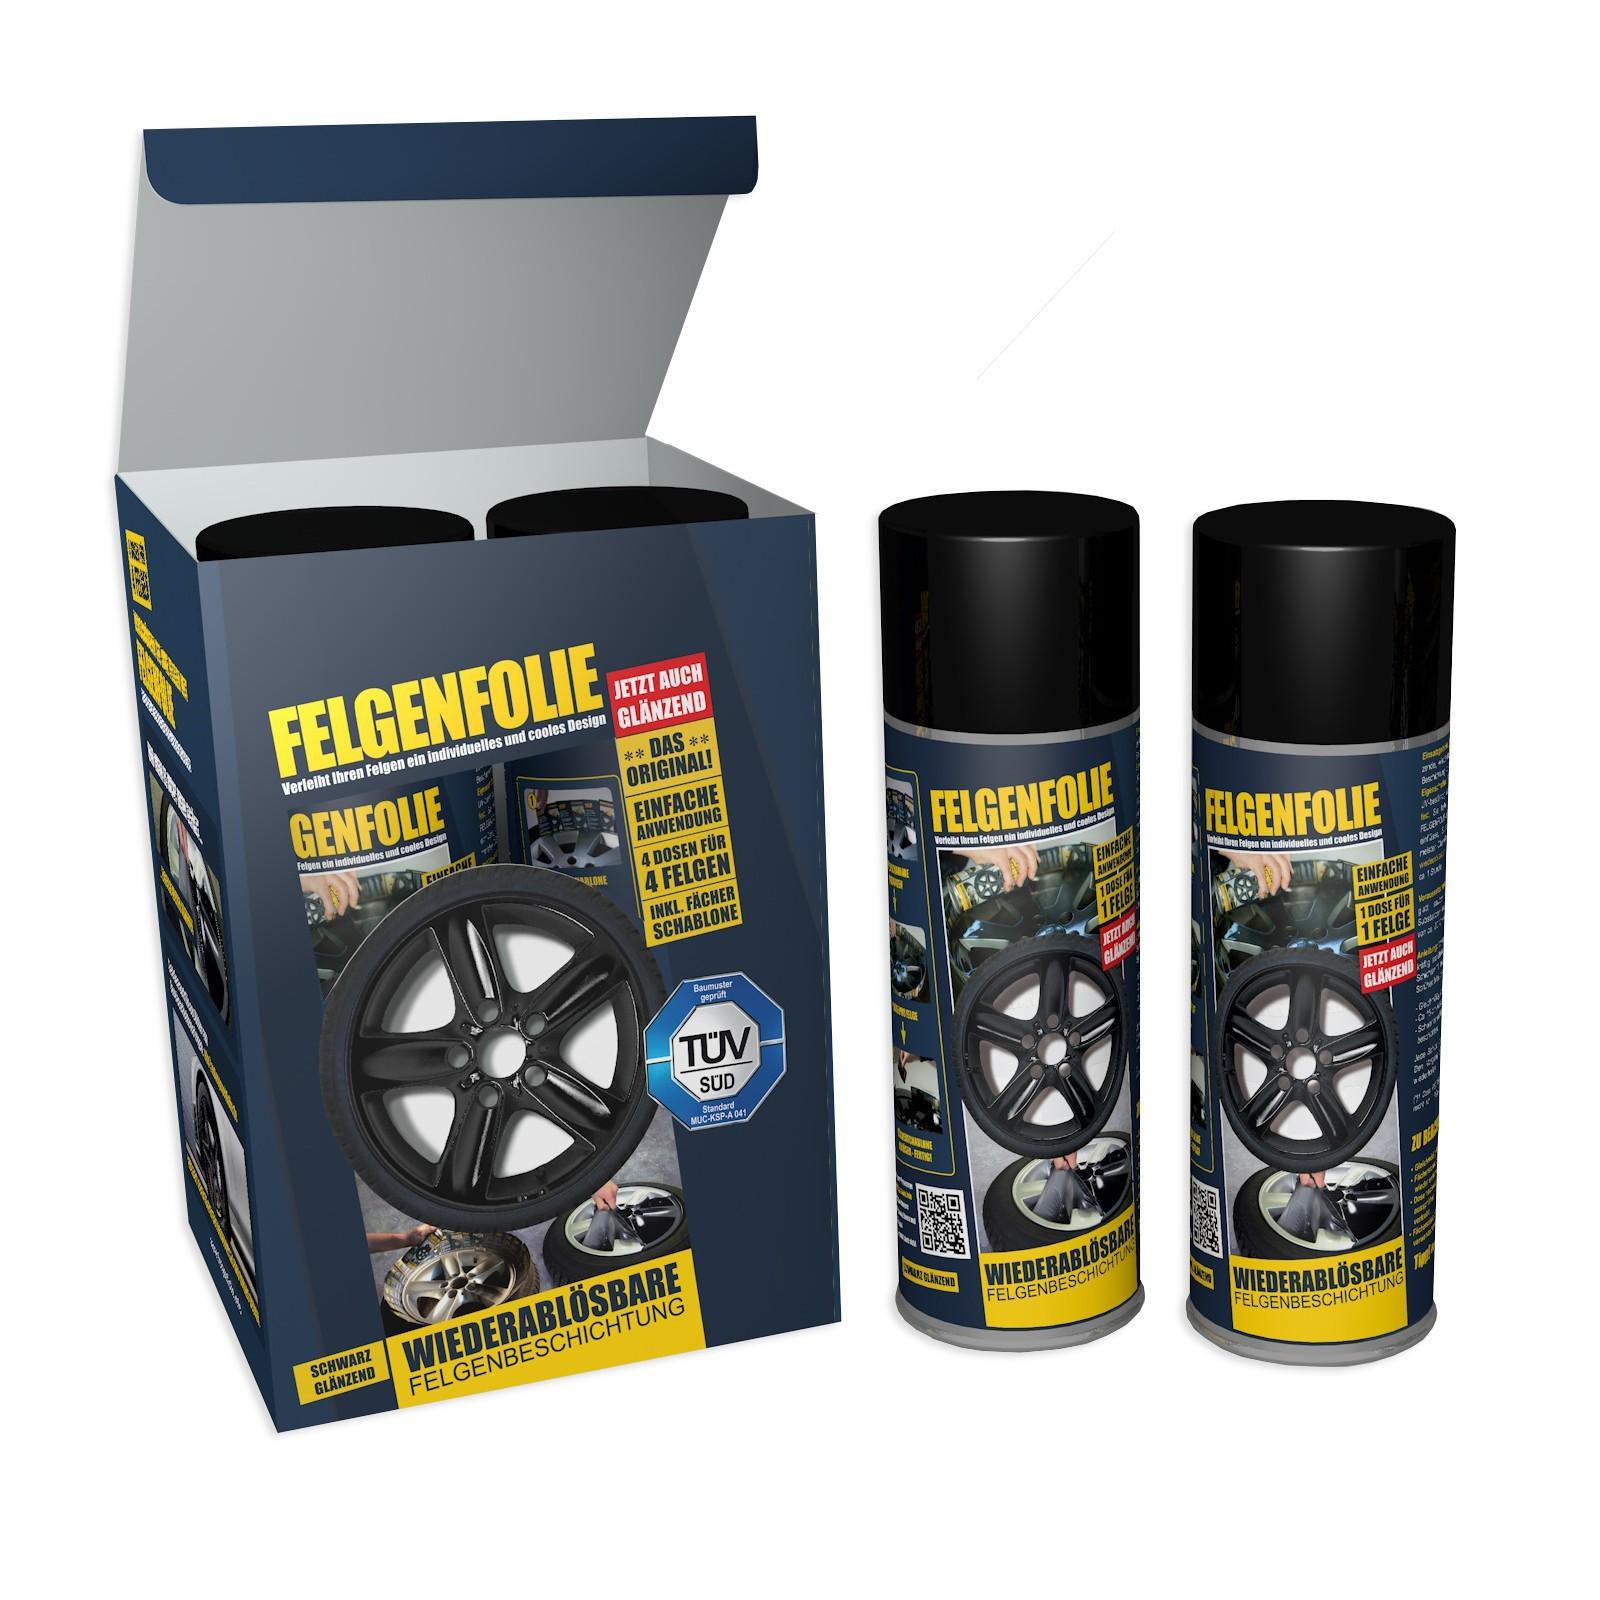 Felgenfolie Mibenco schwarz matt  (4 Dosen à 400 ml im Set) ... auch für Karosserie! – Bild 1